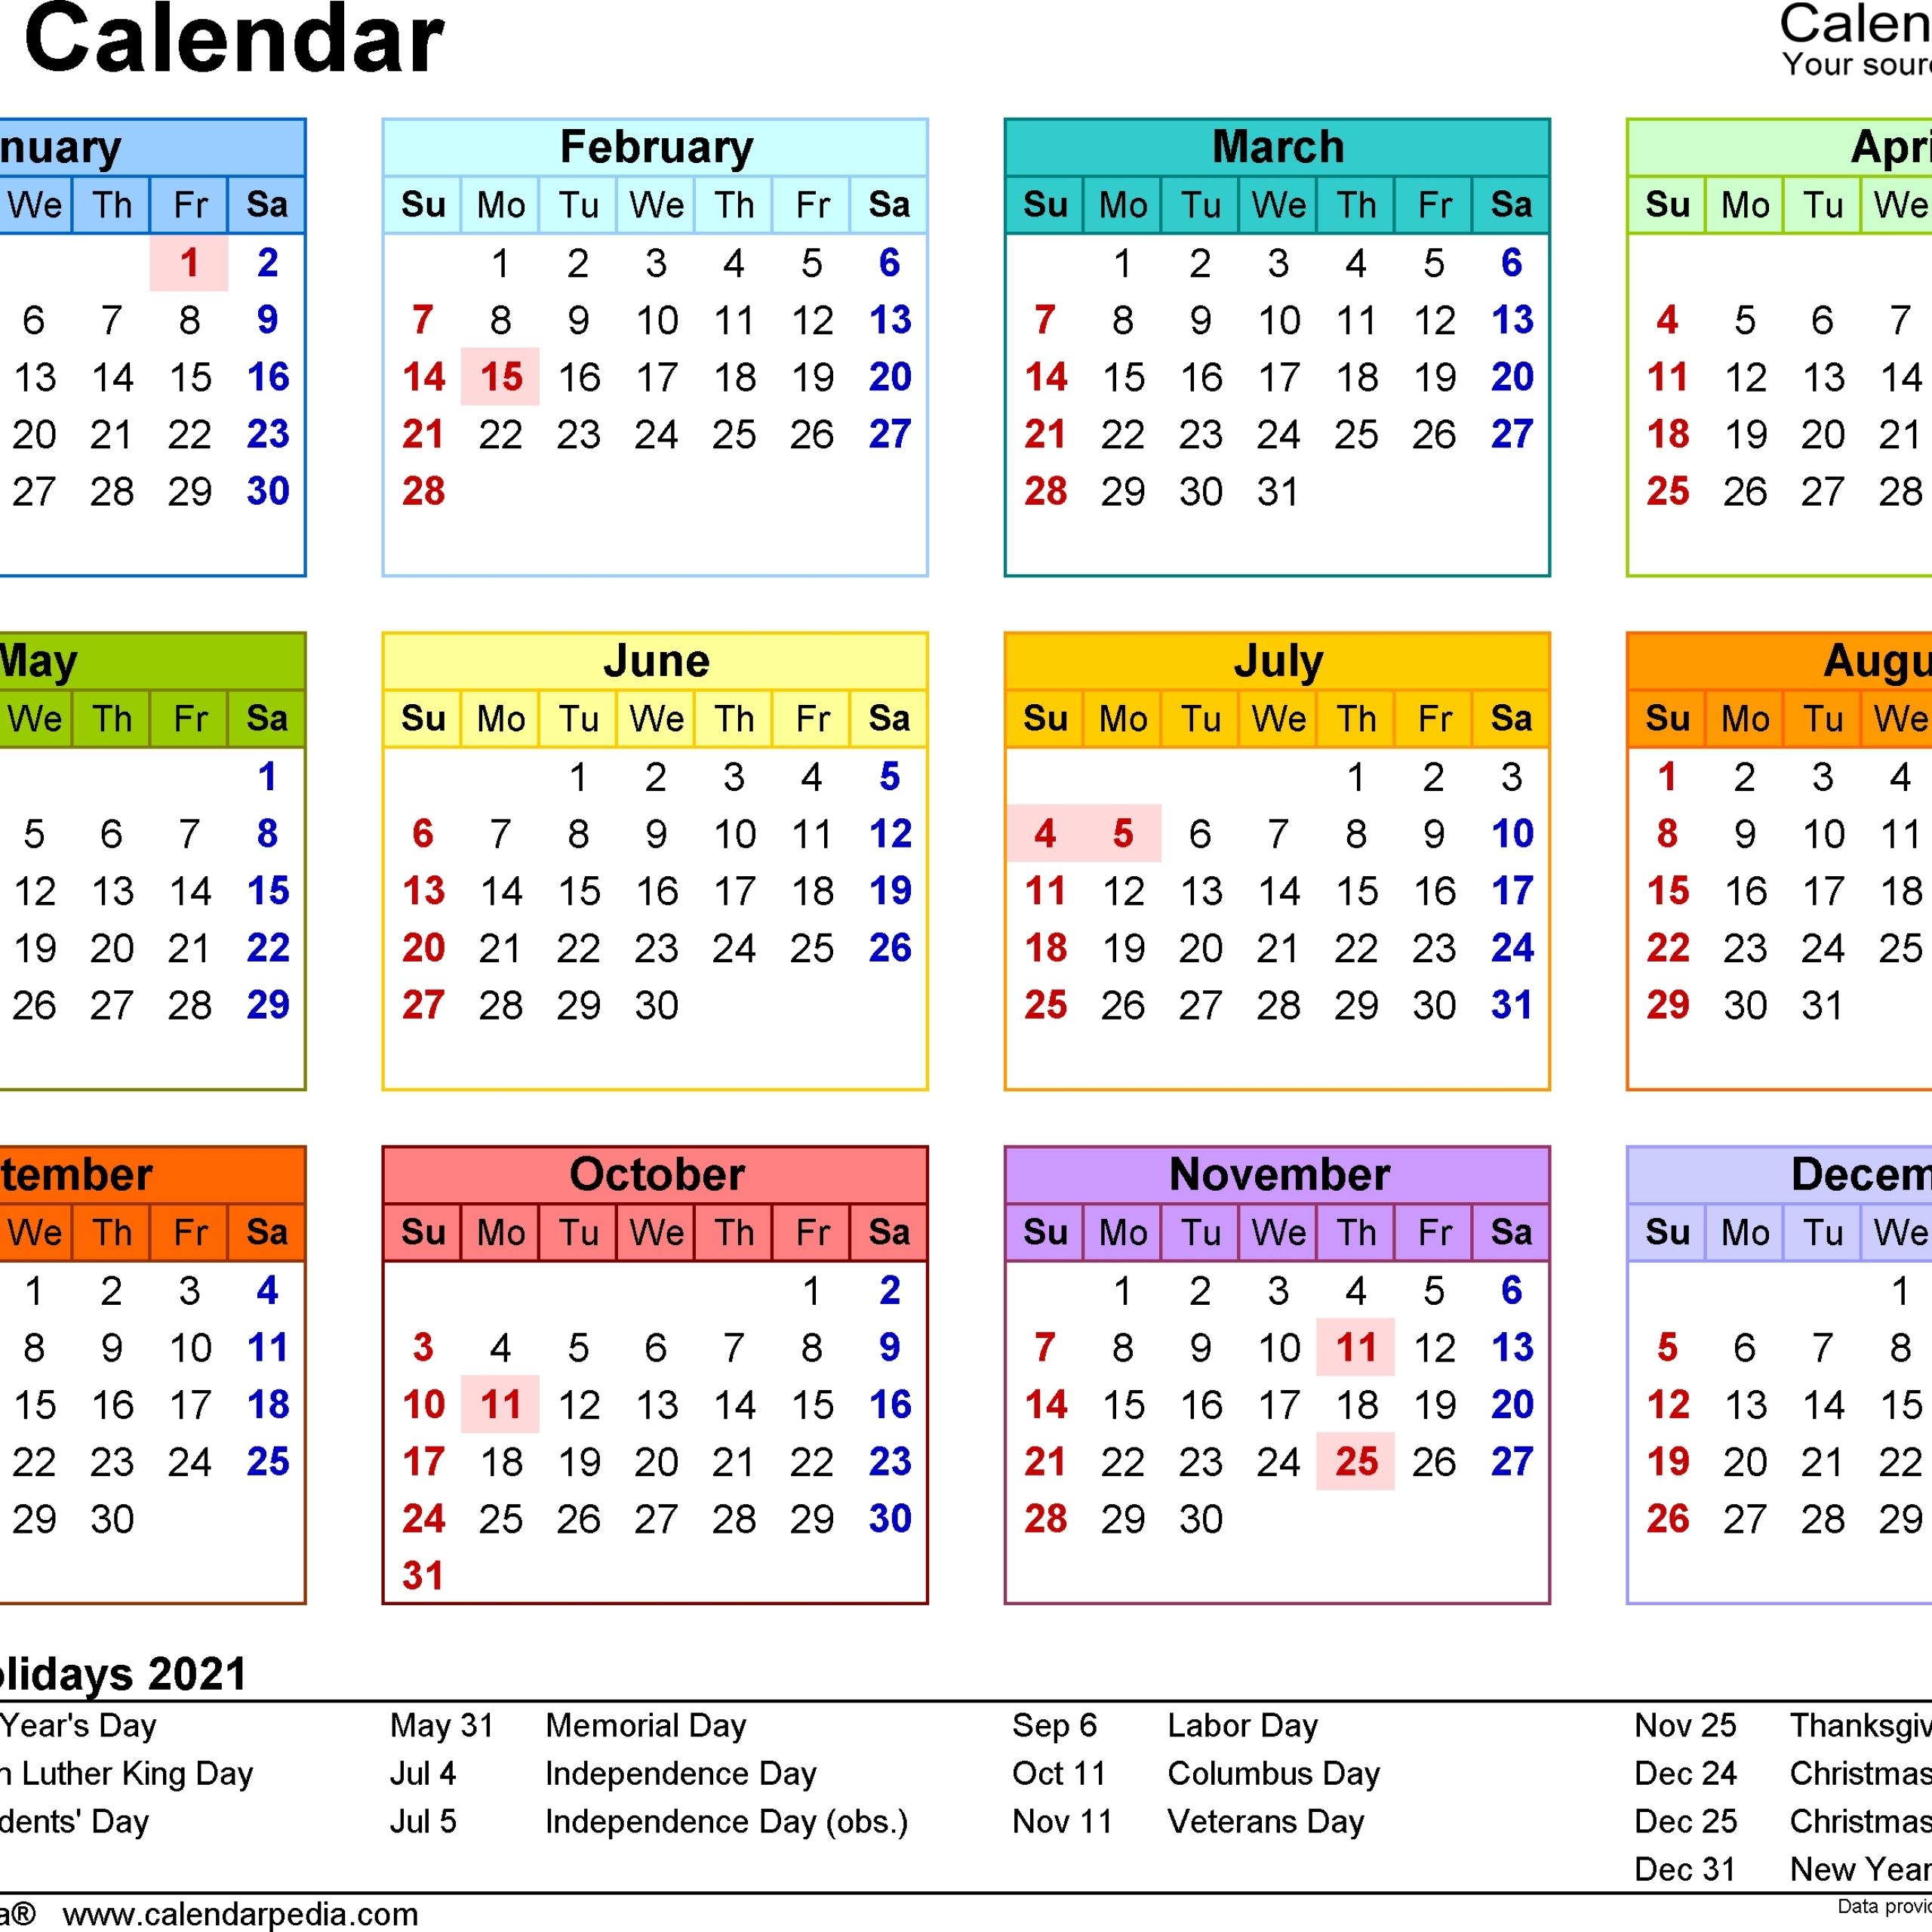 2021 Weekly Calendar Excel Free | Avnitasoni